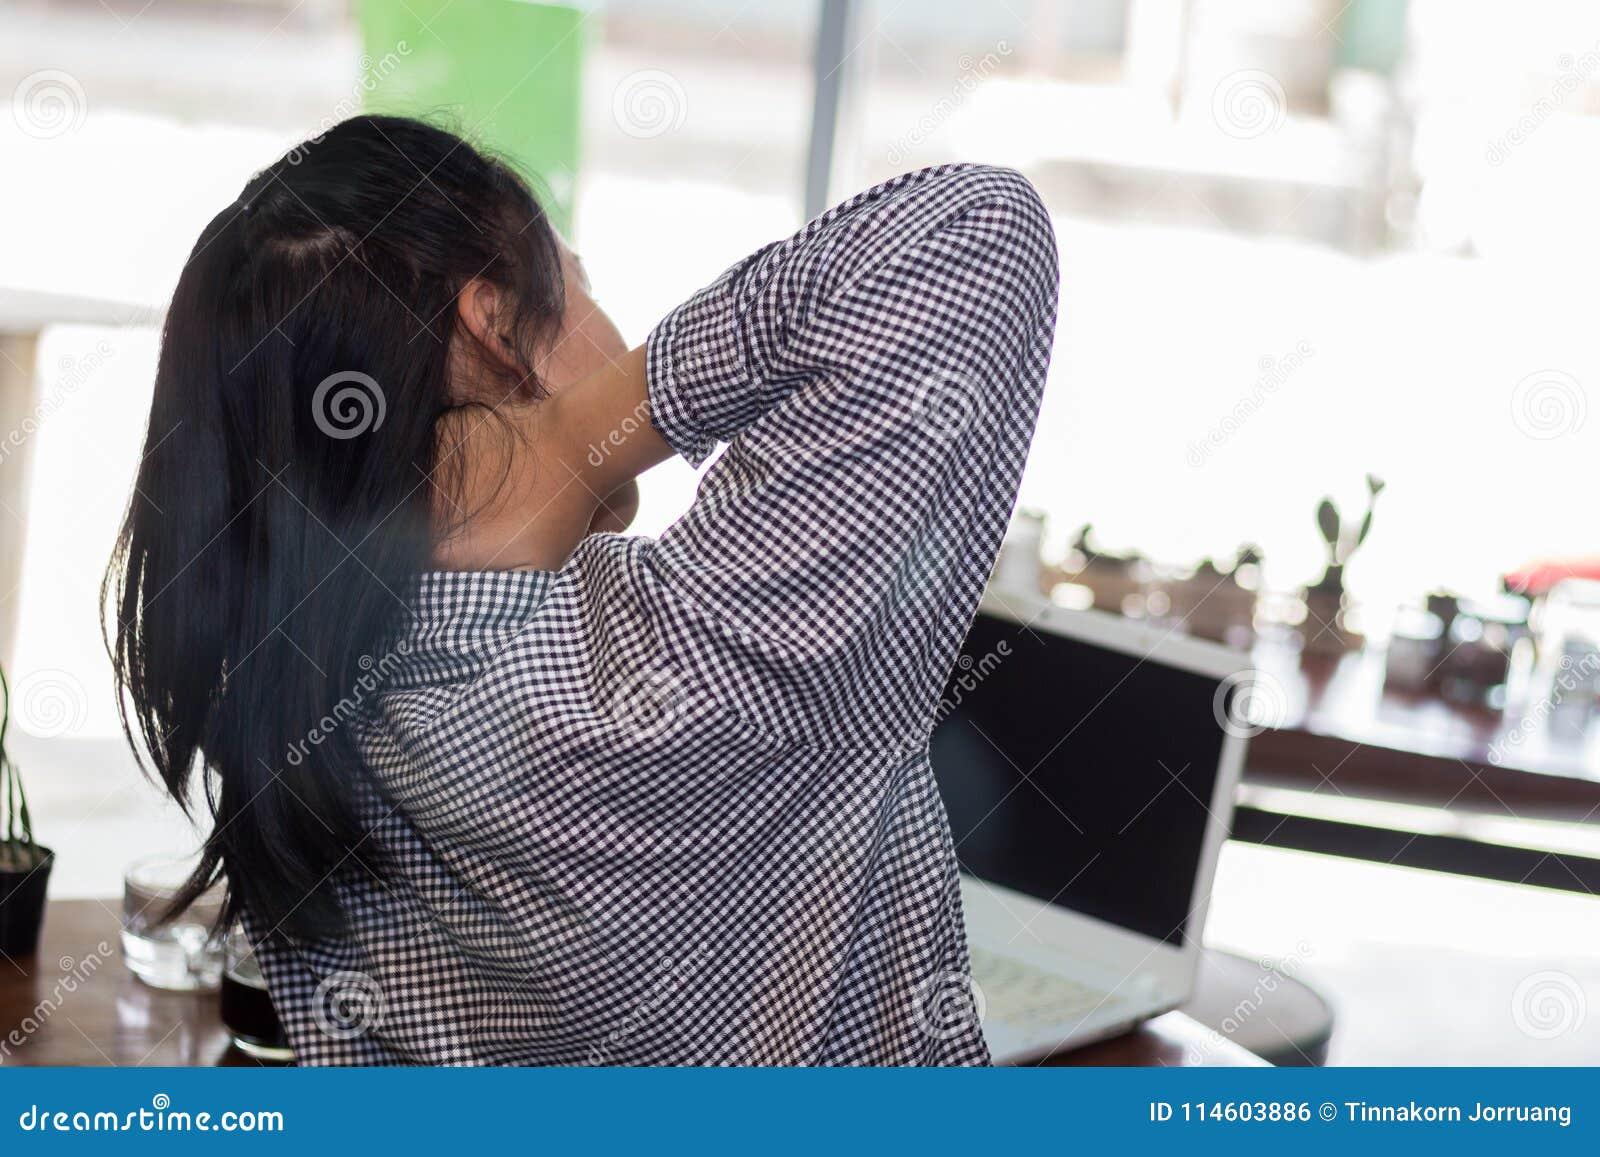 Businesswoman working hard until neck pain.